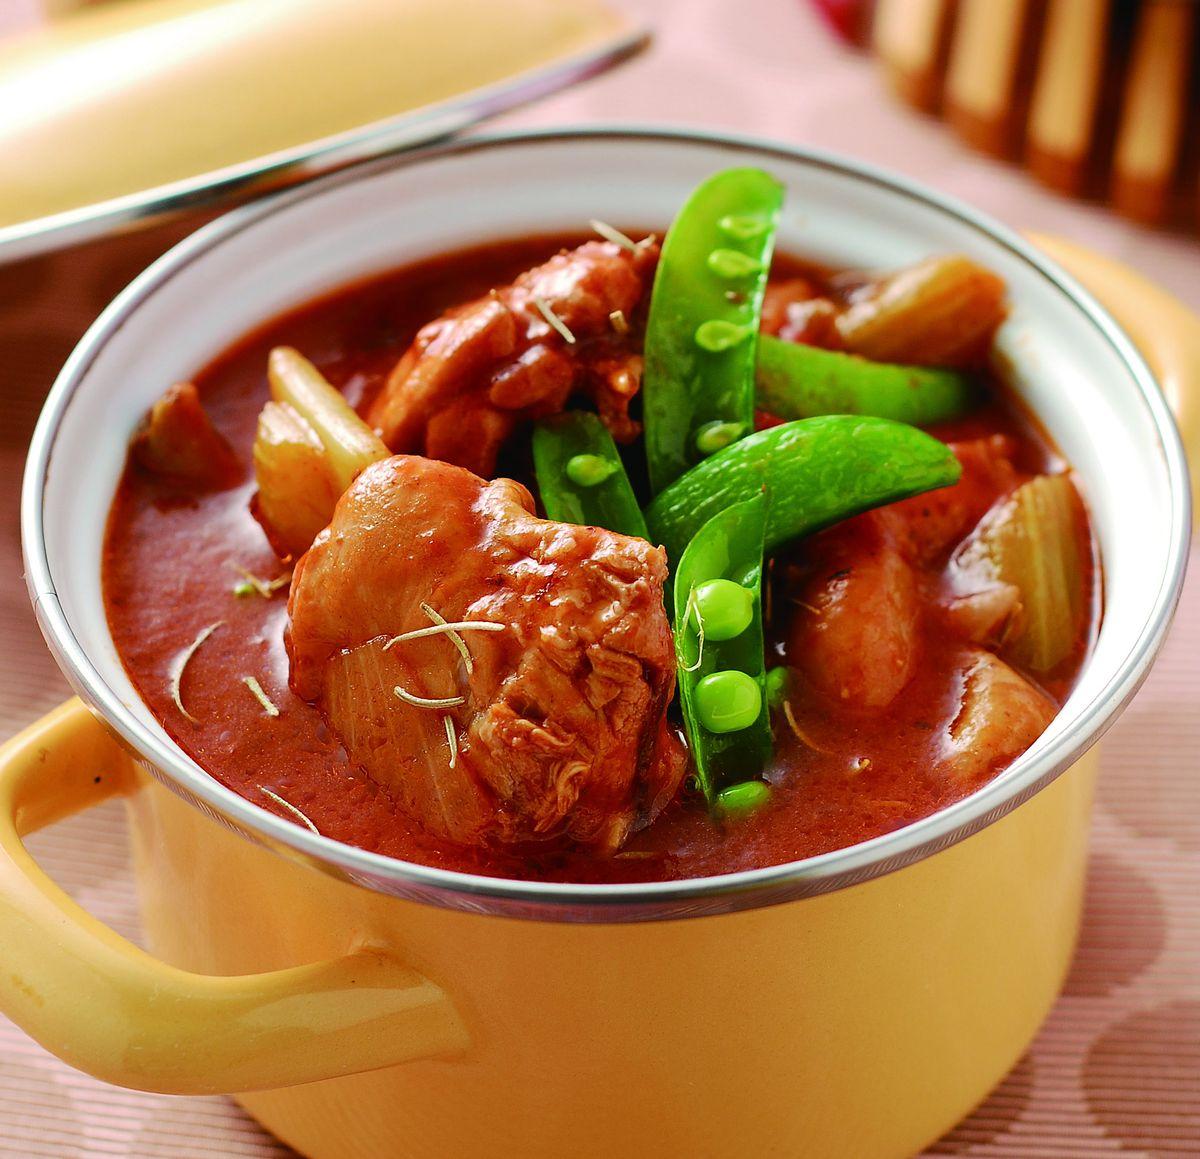 食譜:迷迭香草蕃茄燉嫩雞